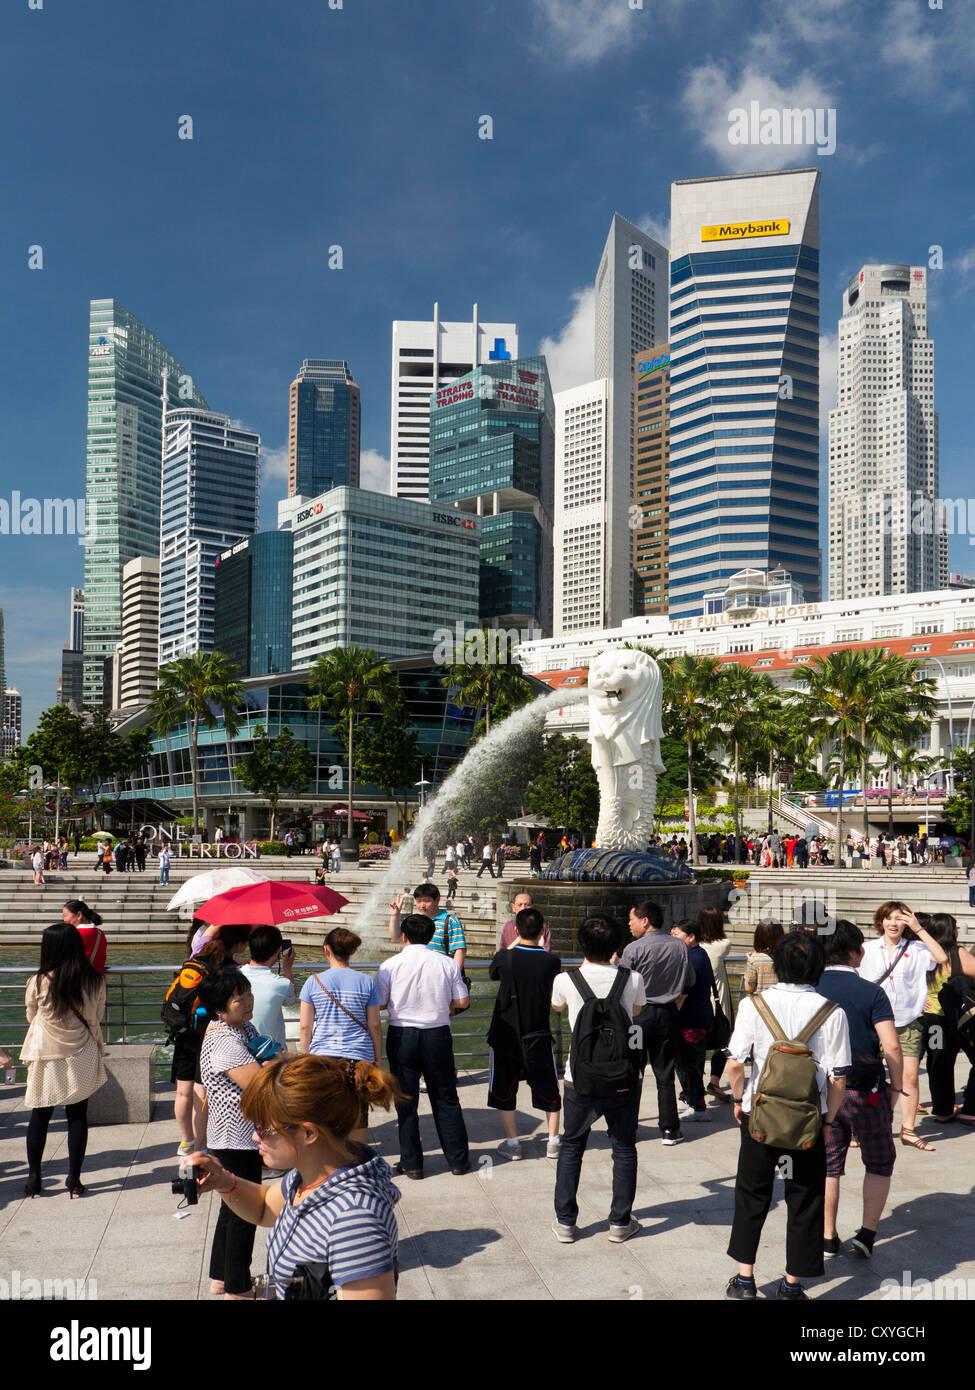 La estatua Merlion y turistas, Singapur Imagen De Stock